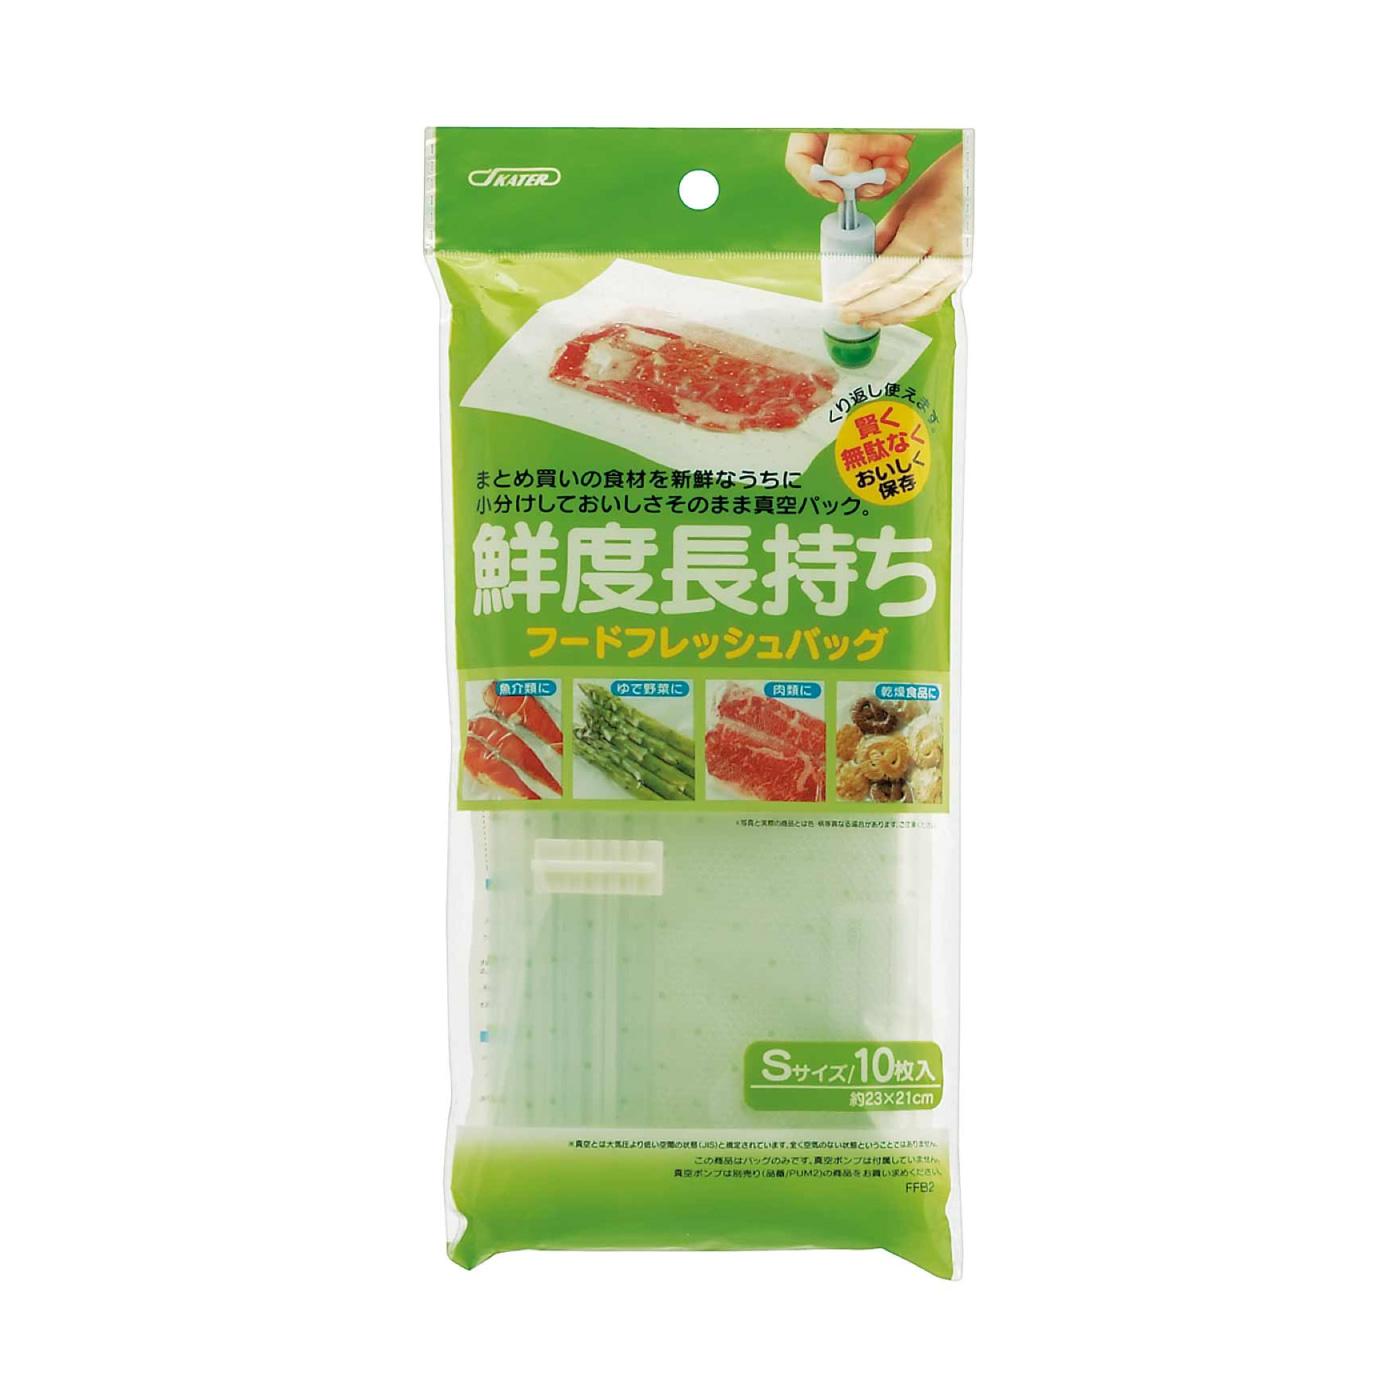 真空パックで食品の鮮度を長持ちさせる!フードフレッシュバッグ Sサイズ10枚セット